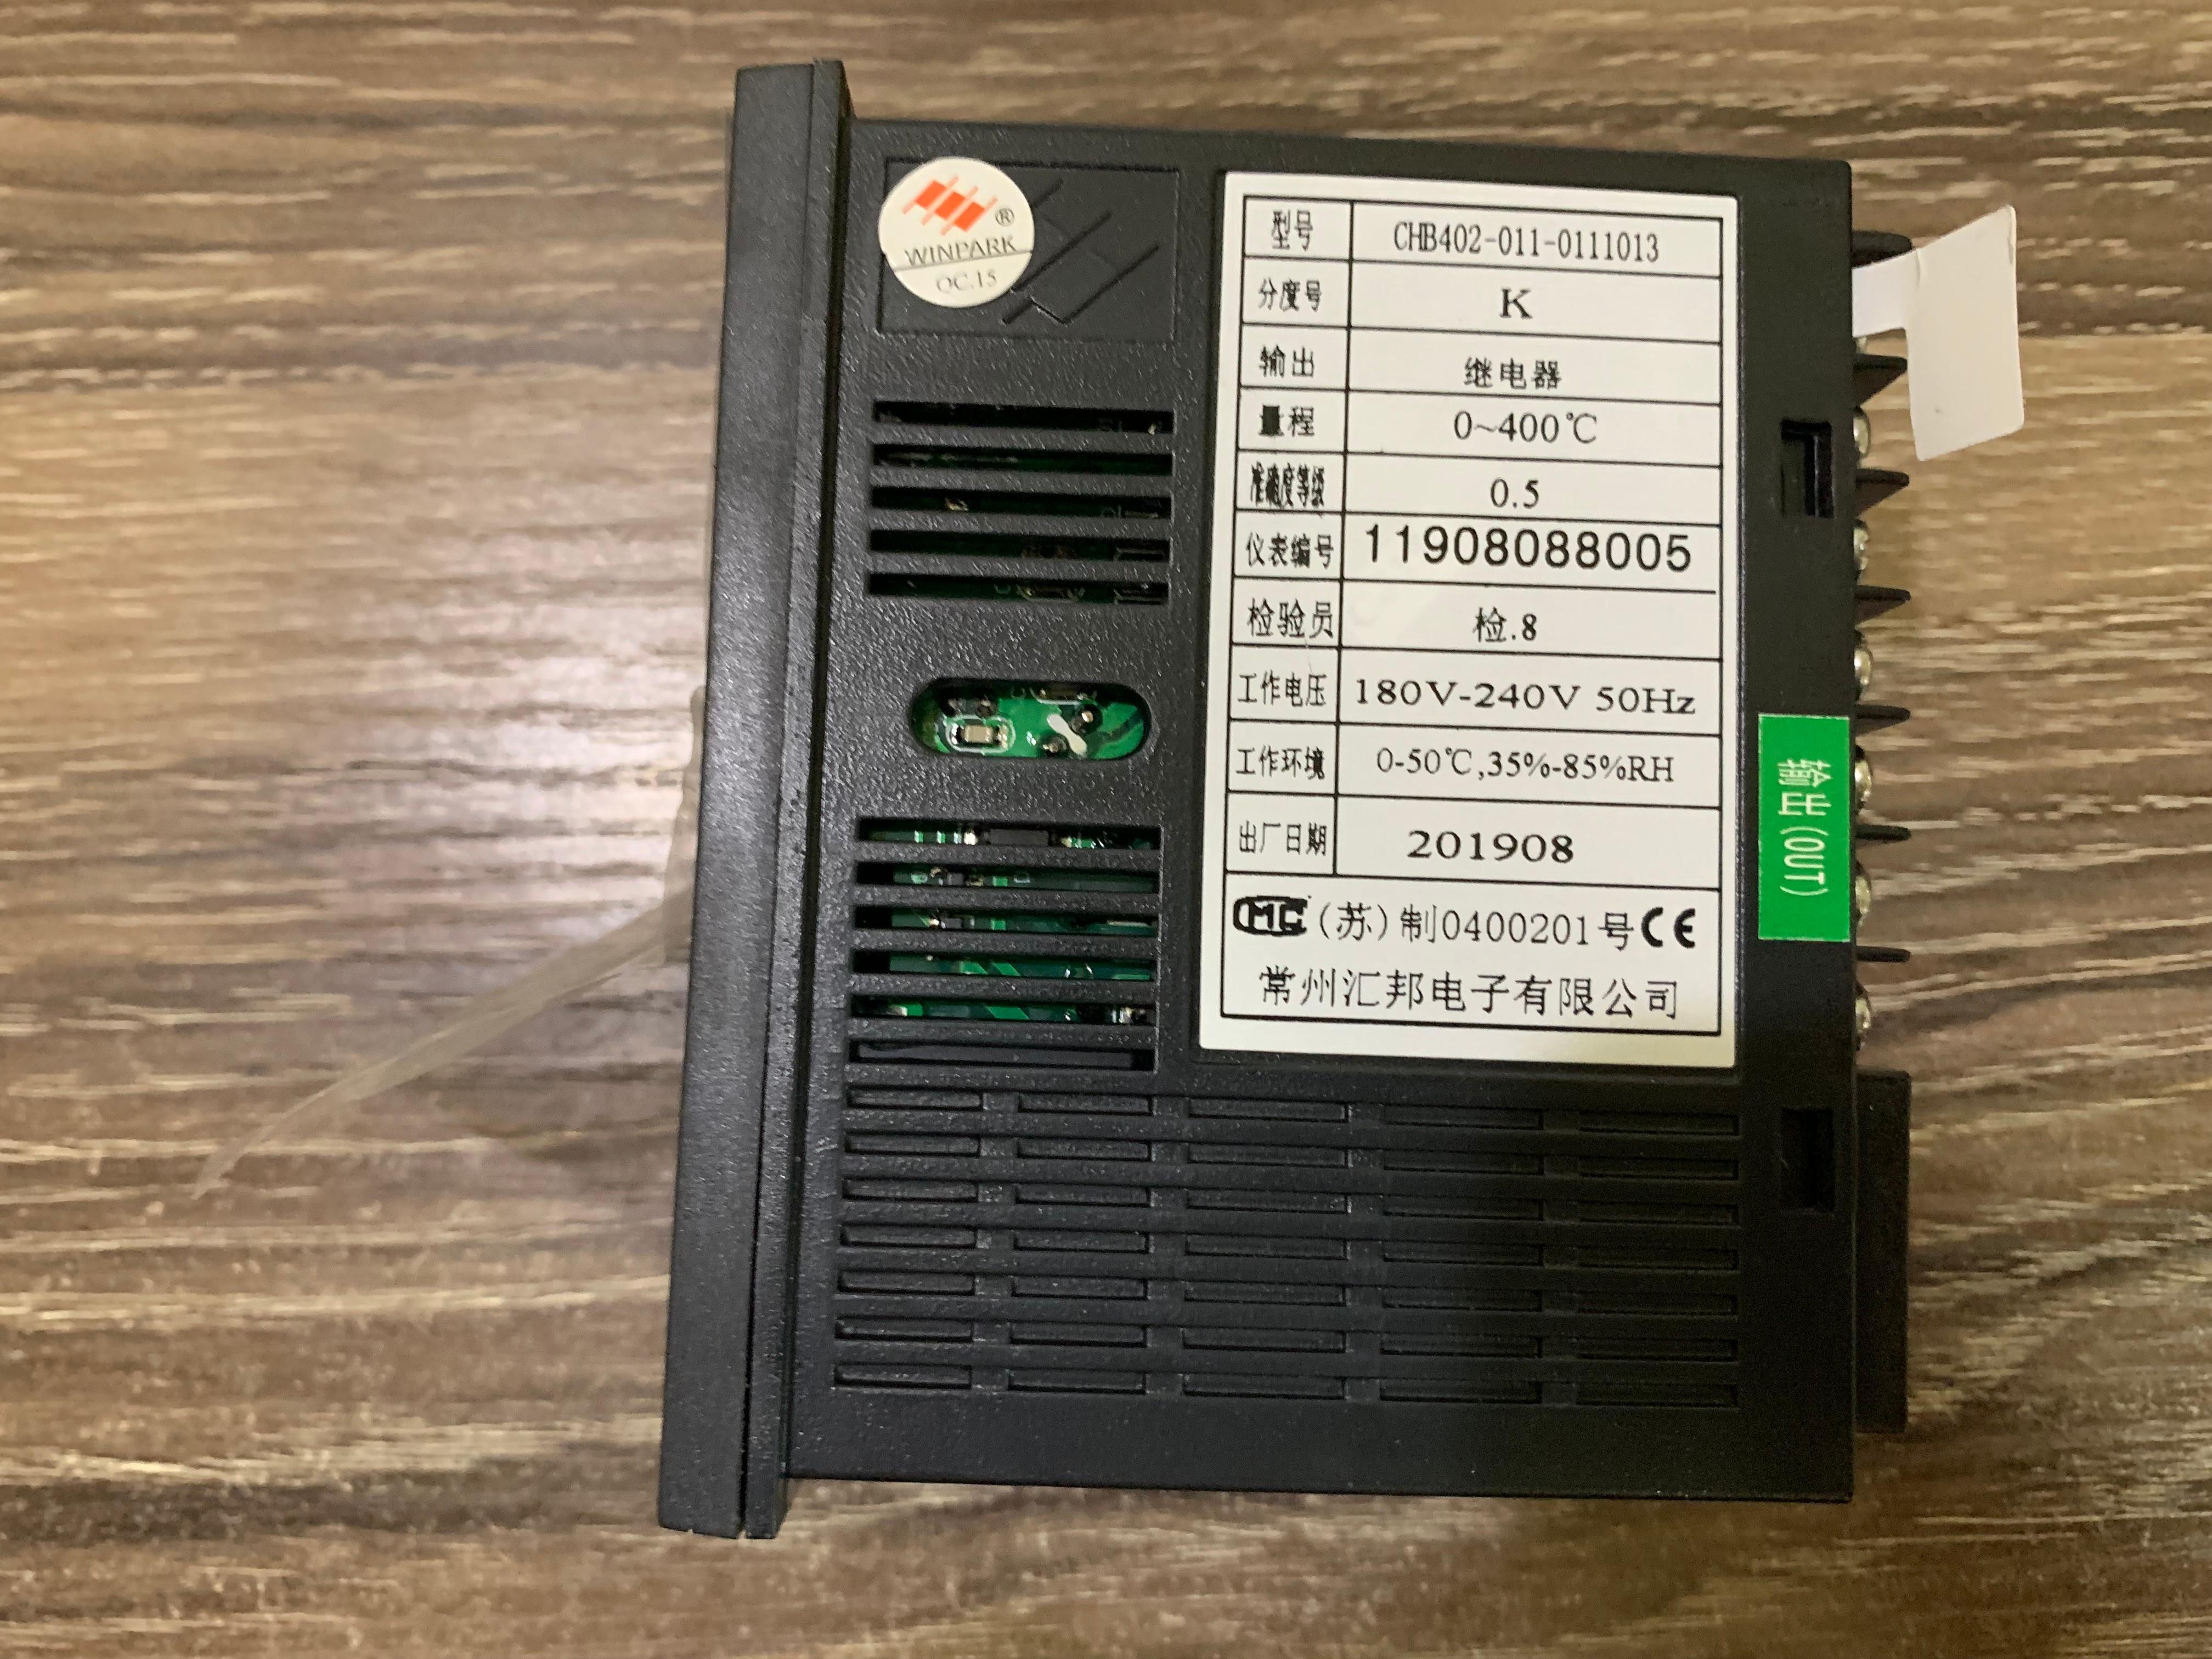 Inteligentny termostat WINPARK CHB402 Huibang CHB402-011-0111013 nowy, oryginalny